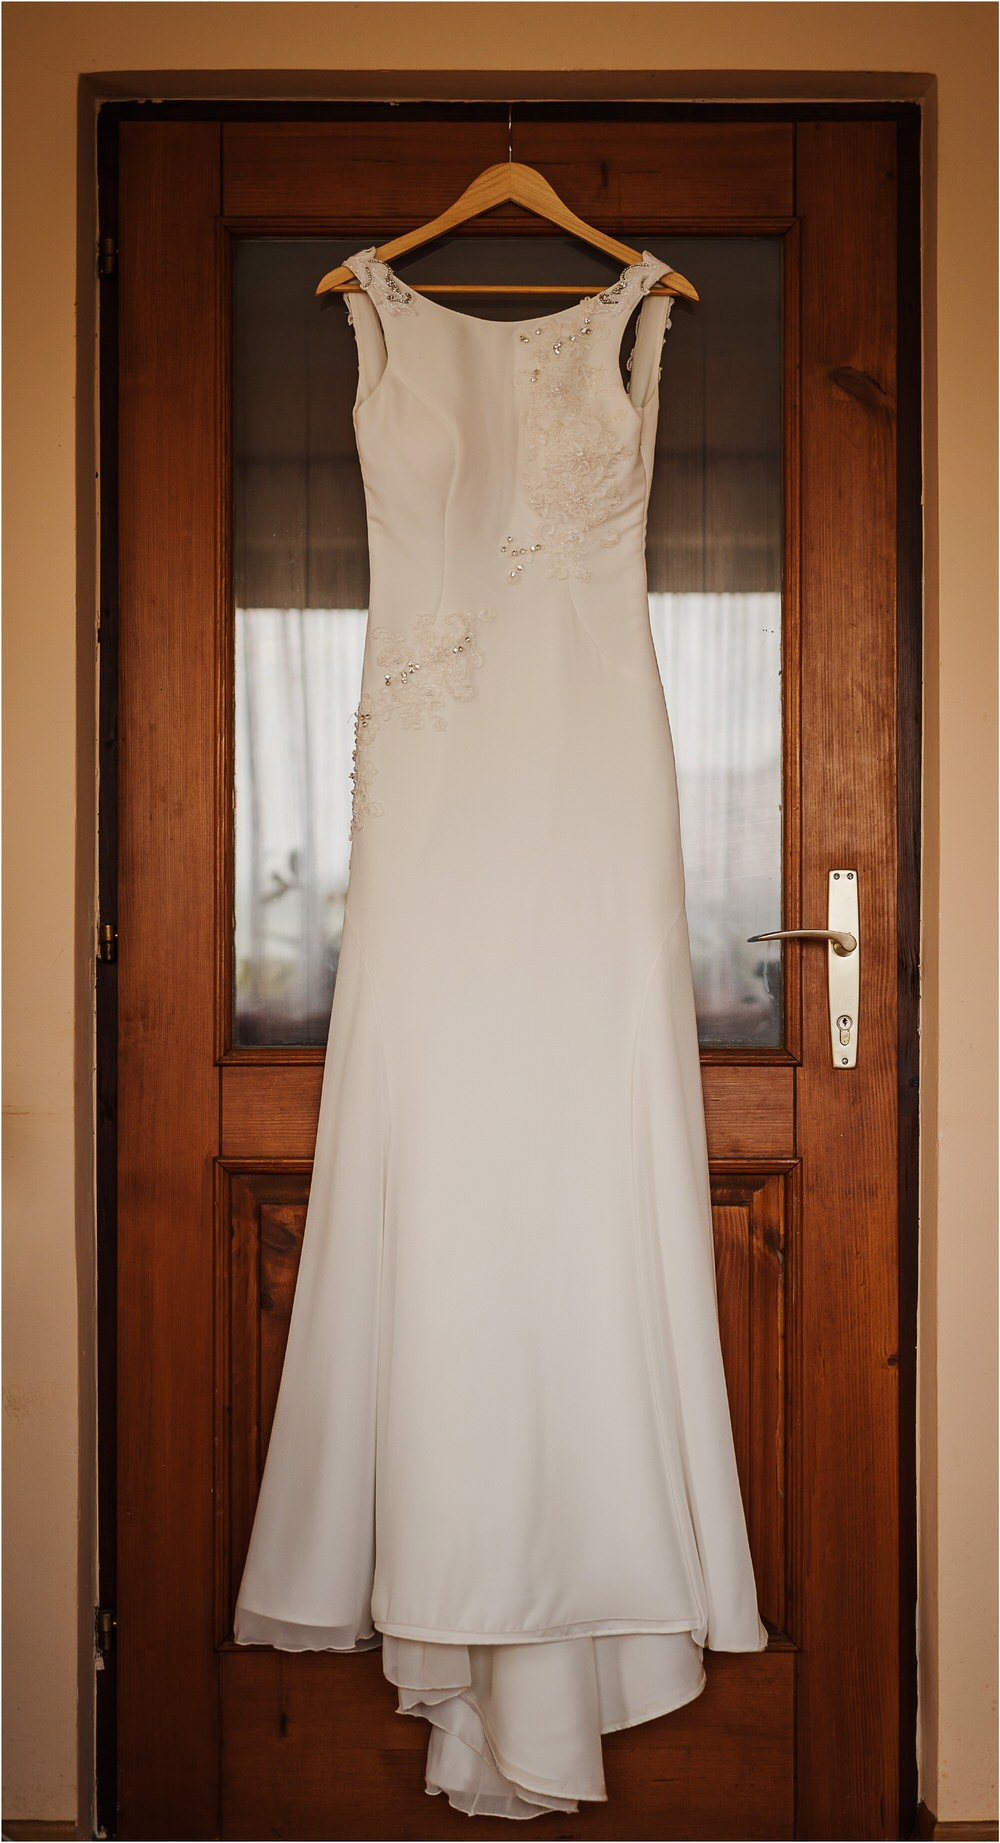 tri lucke slovenija krsko posavje poroka porocni fotograf fotografiranje elegantna poroka vinograd classy elegant wedding slovenia 0008.jpg